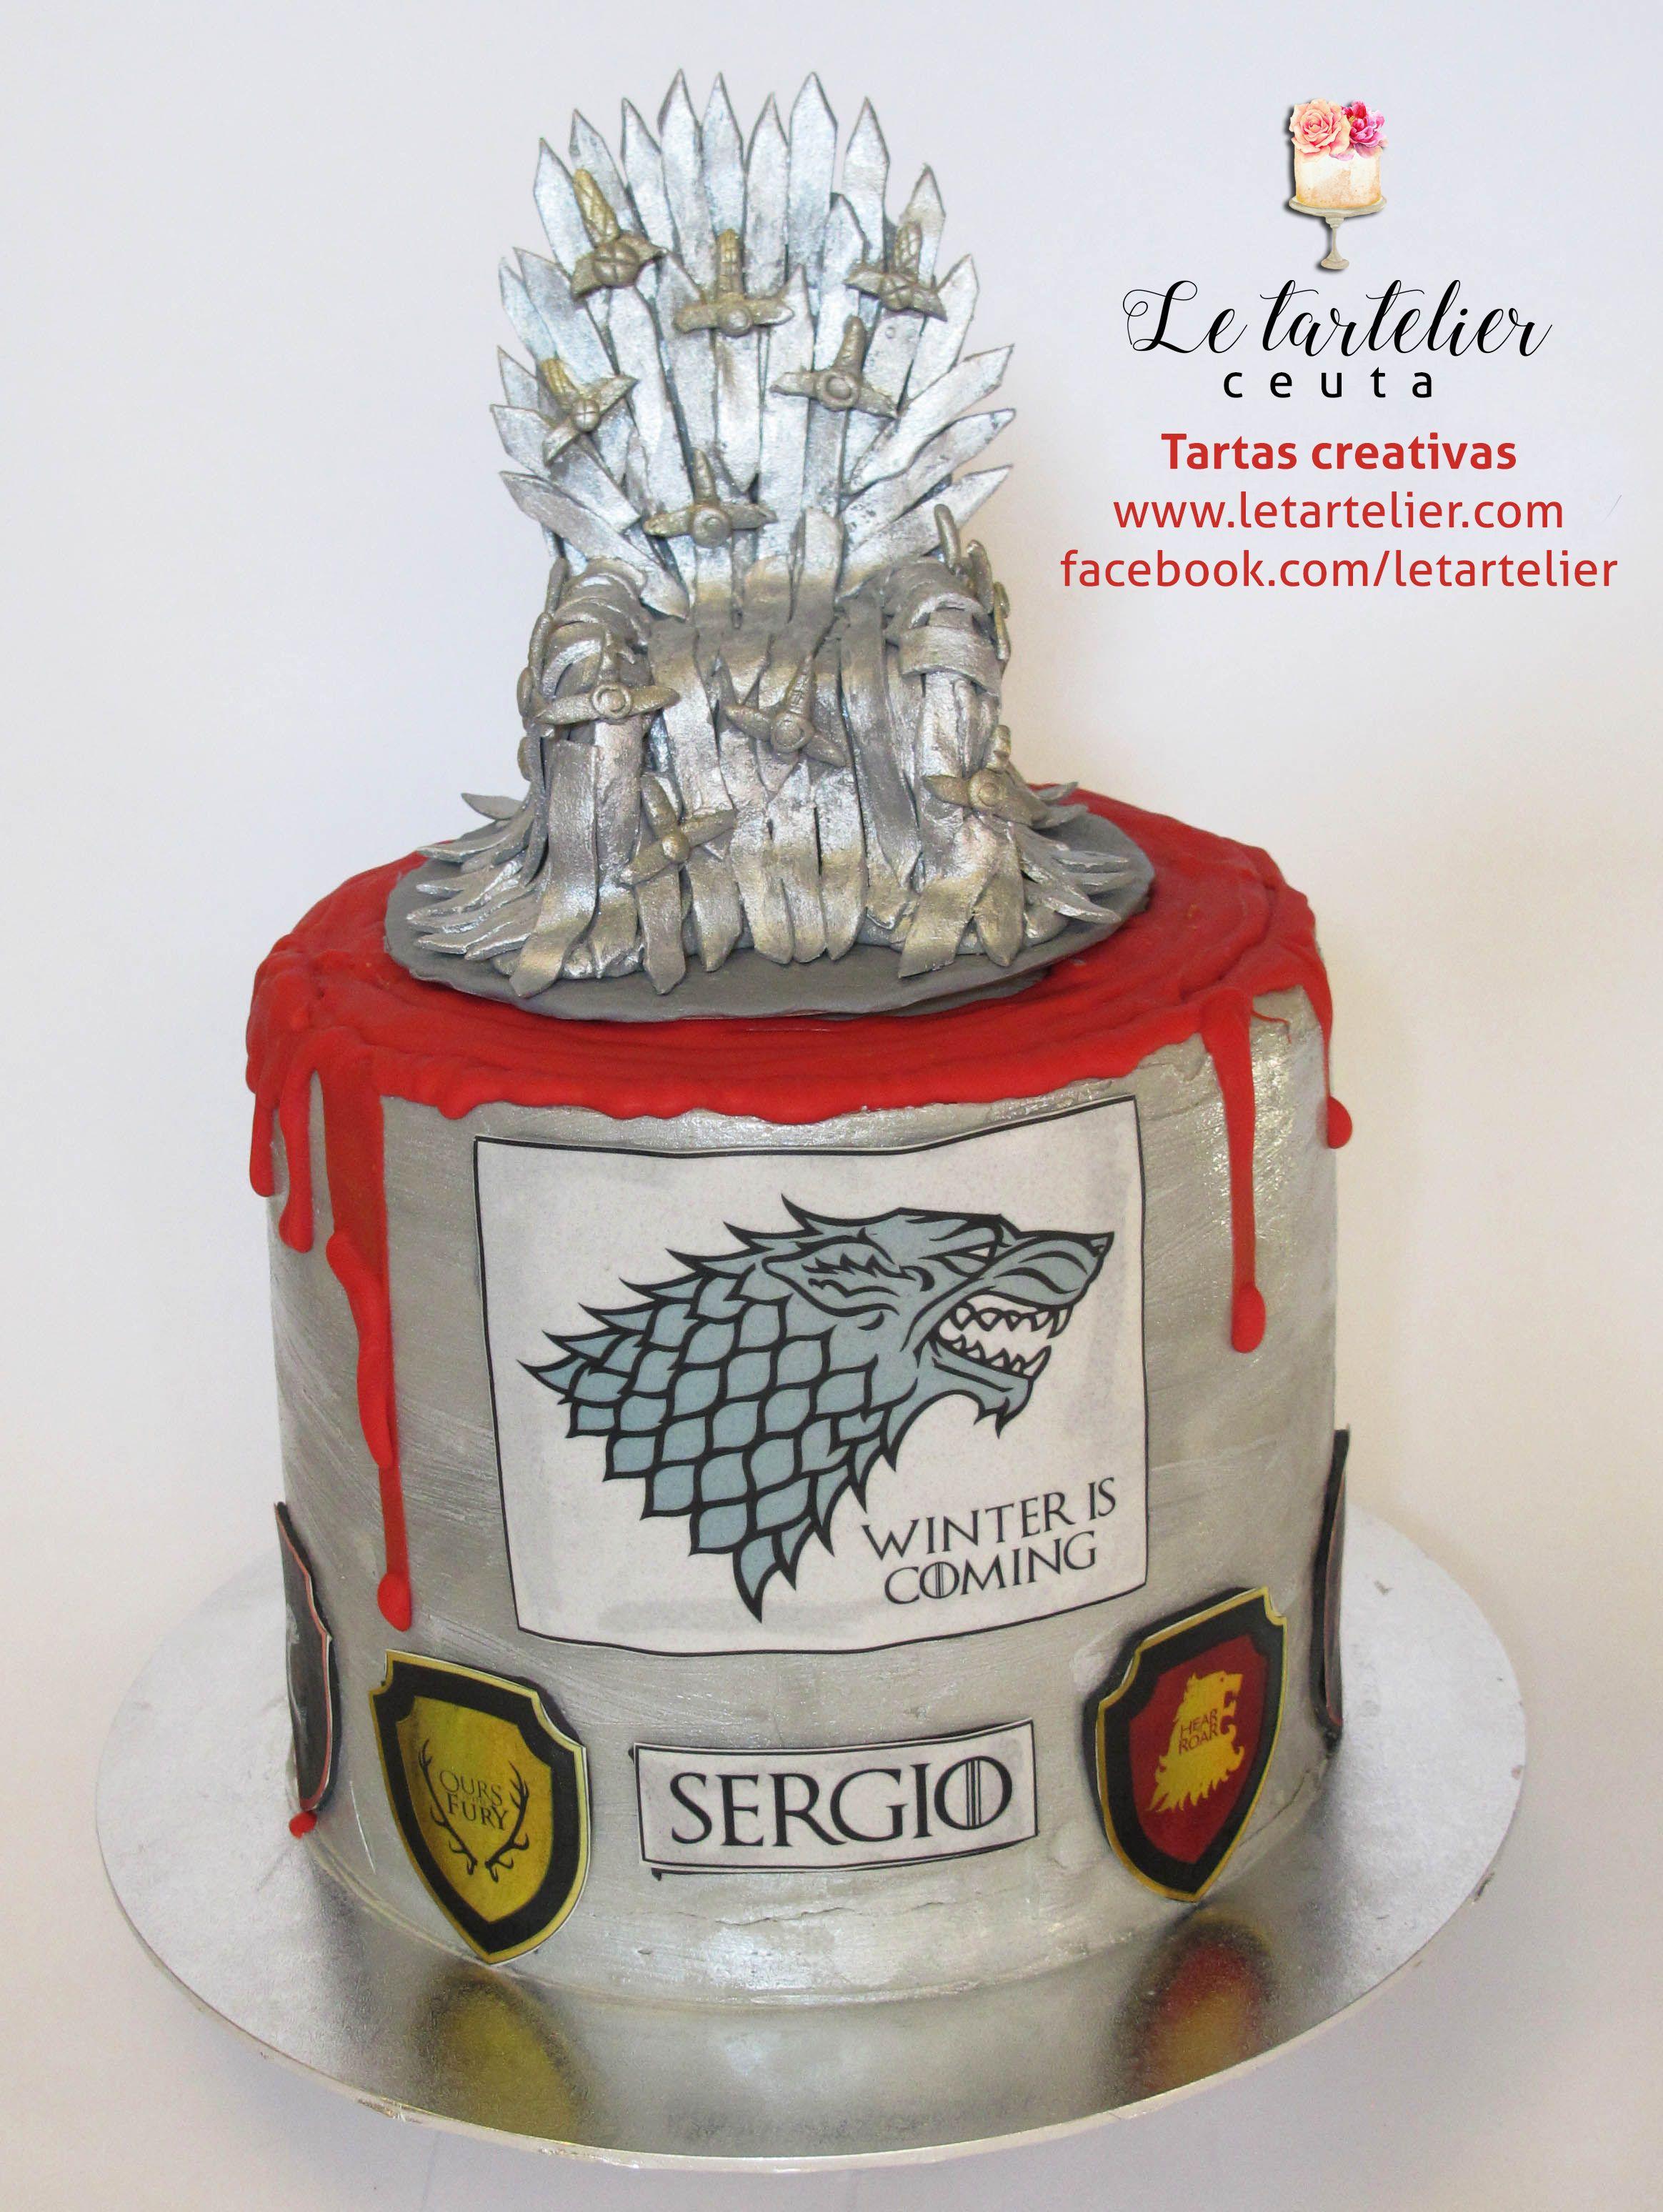 """Tarta temática """"juego de tronos"""". Le tartelier, tartas creativas en #Ceuta."""